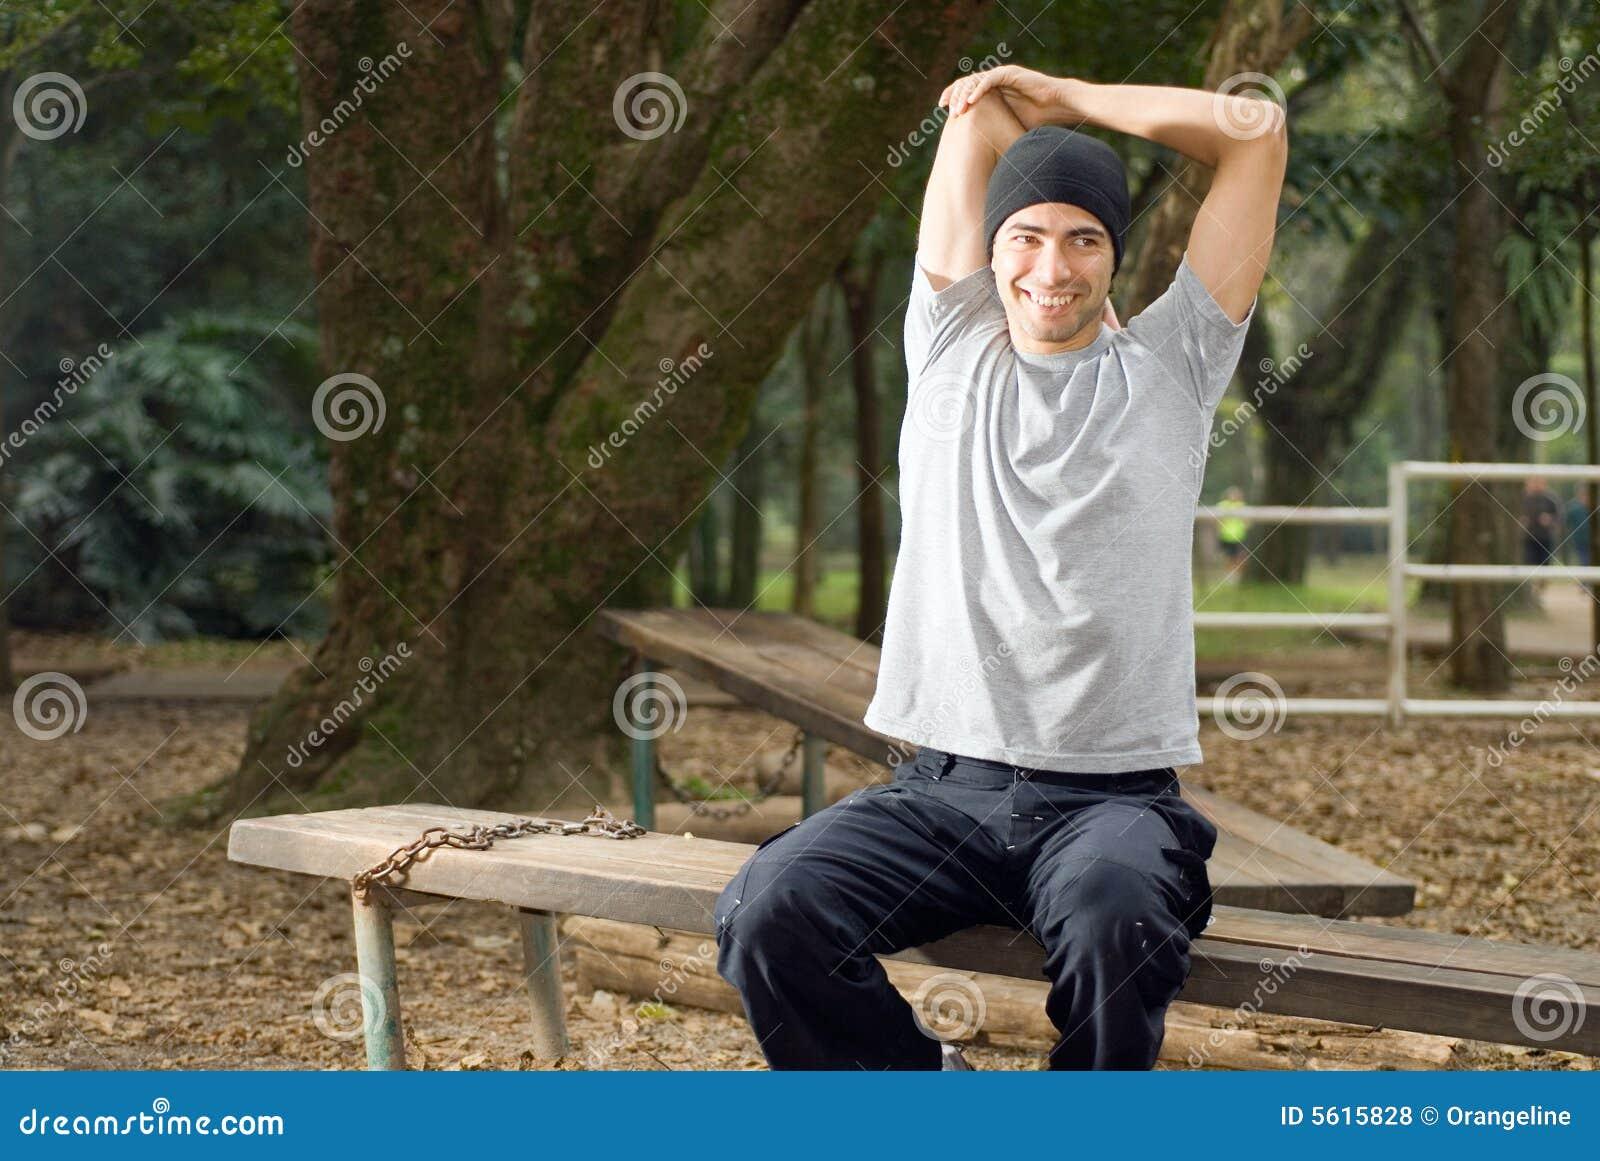 Sonrisa masculina mientras que estira - horizontal